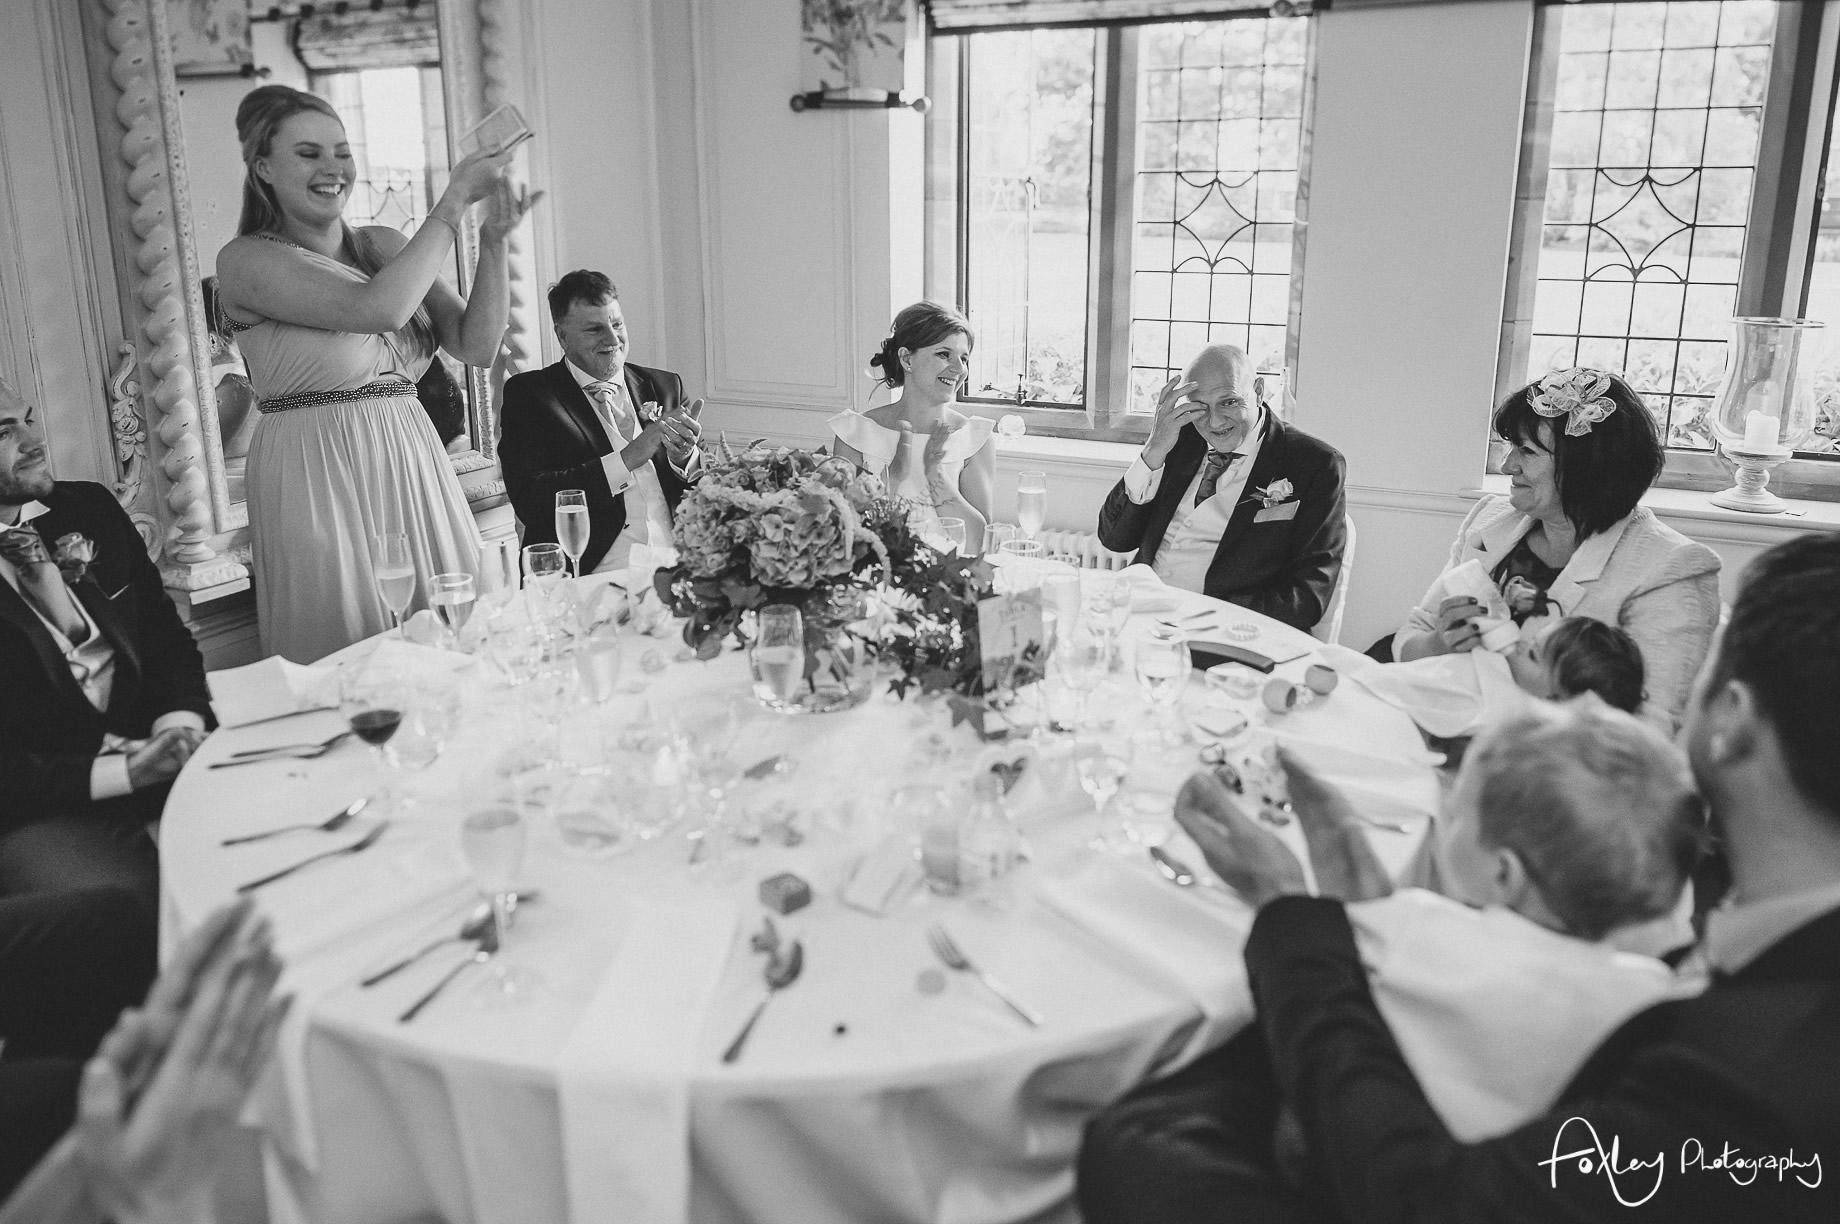 Simona-and-Robert-Wedding-at-Colshaw-Hall-121